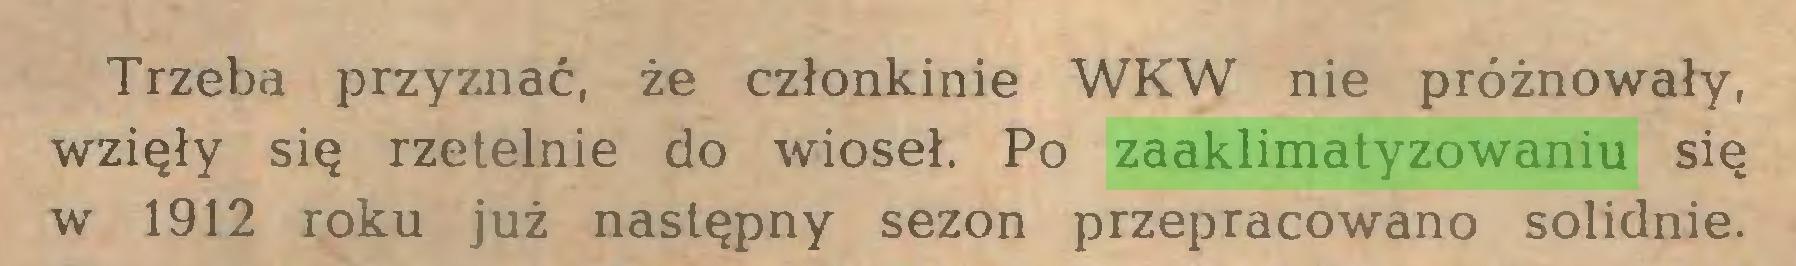 (...) Trzeba przyznać, że członkinie WKW nie próżnowały, wzięły się rzetelnie do wioseł. Po zaaklimatyzowaniu się w 1912 roku już następny sezon przepracowano solidnie...